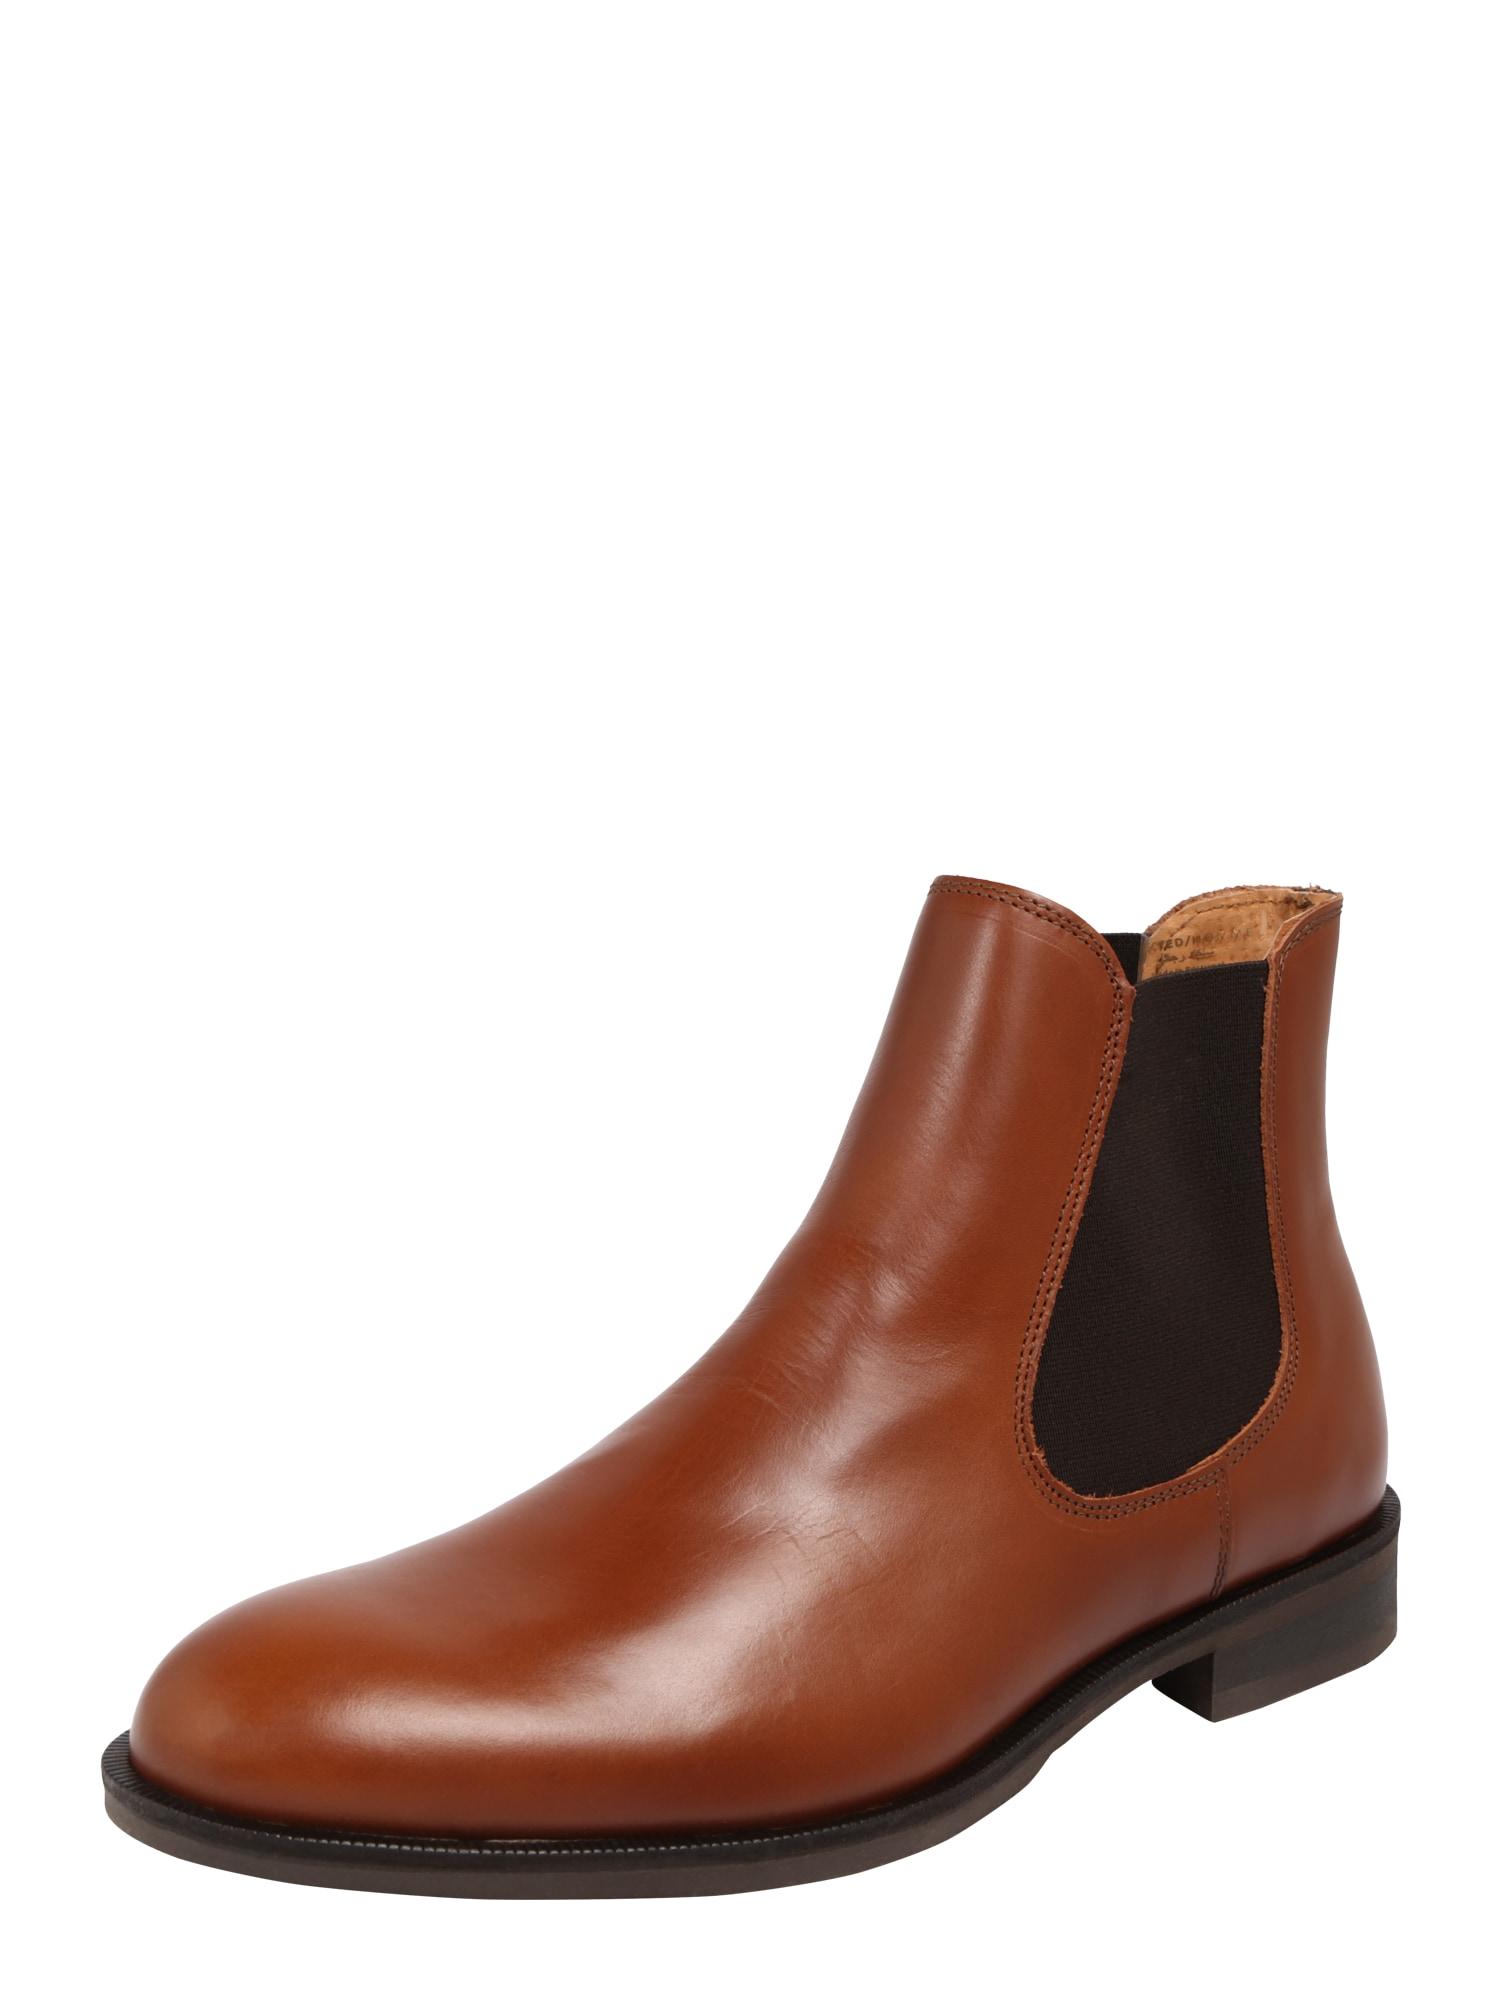 SELECTED HOMME Chelsea batai ruda (konjako)